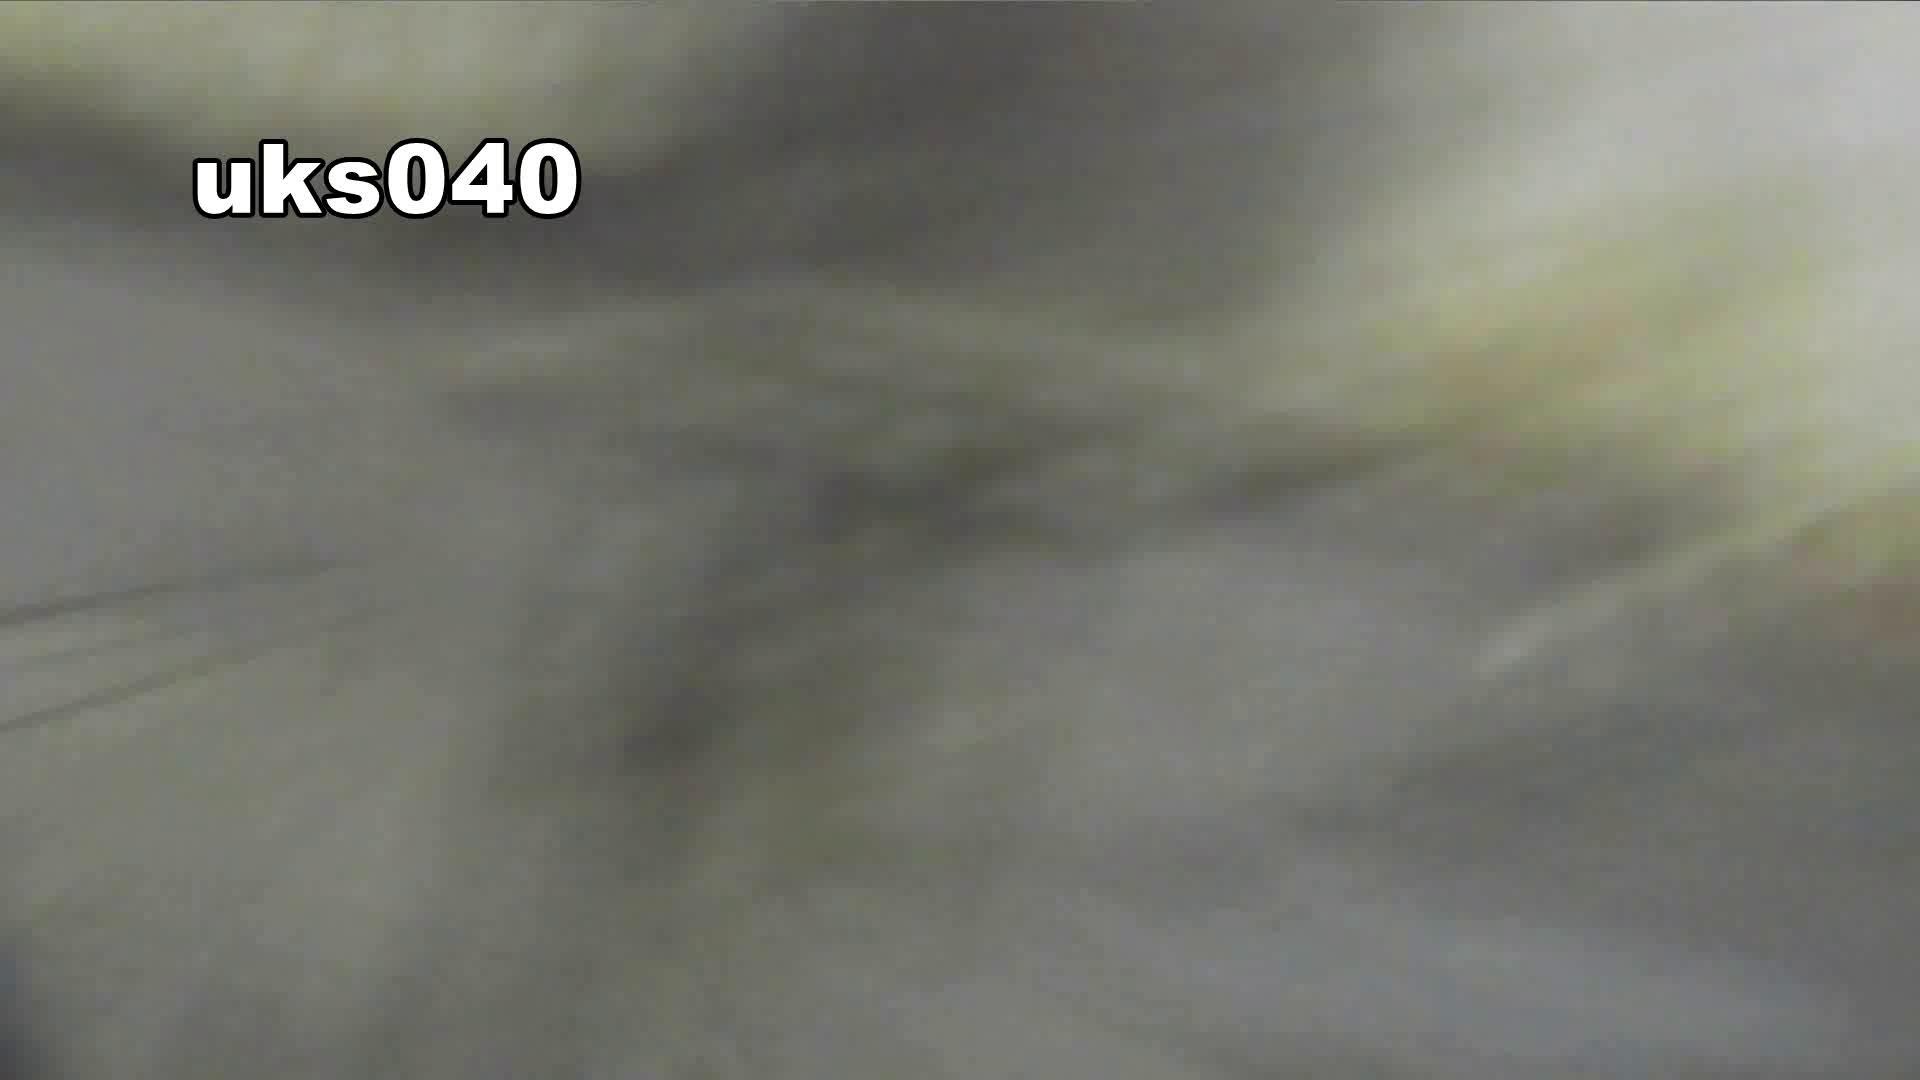 【美しき個室な世界】 vol.040 出て行かれる時の清楚姿撮り 高画質  88PIX 80